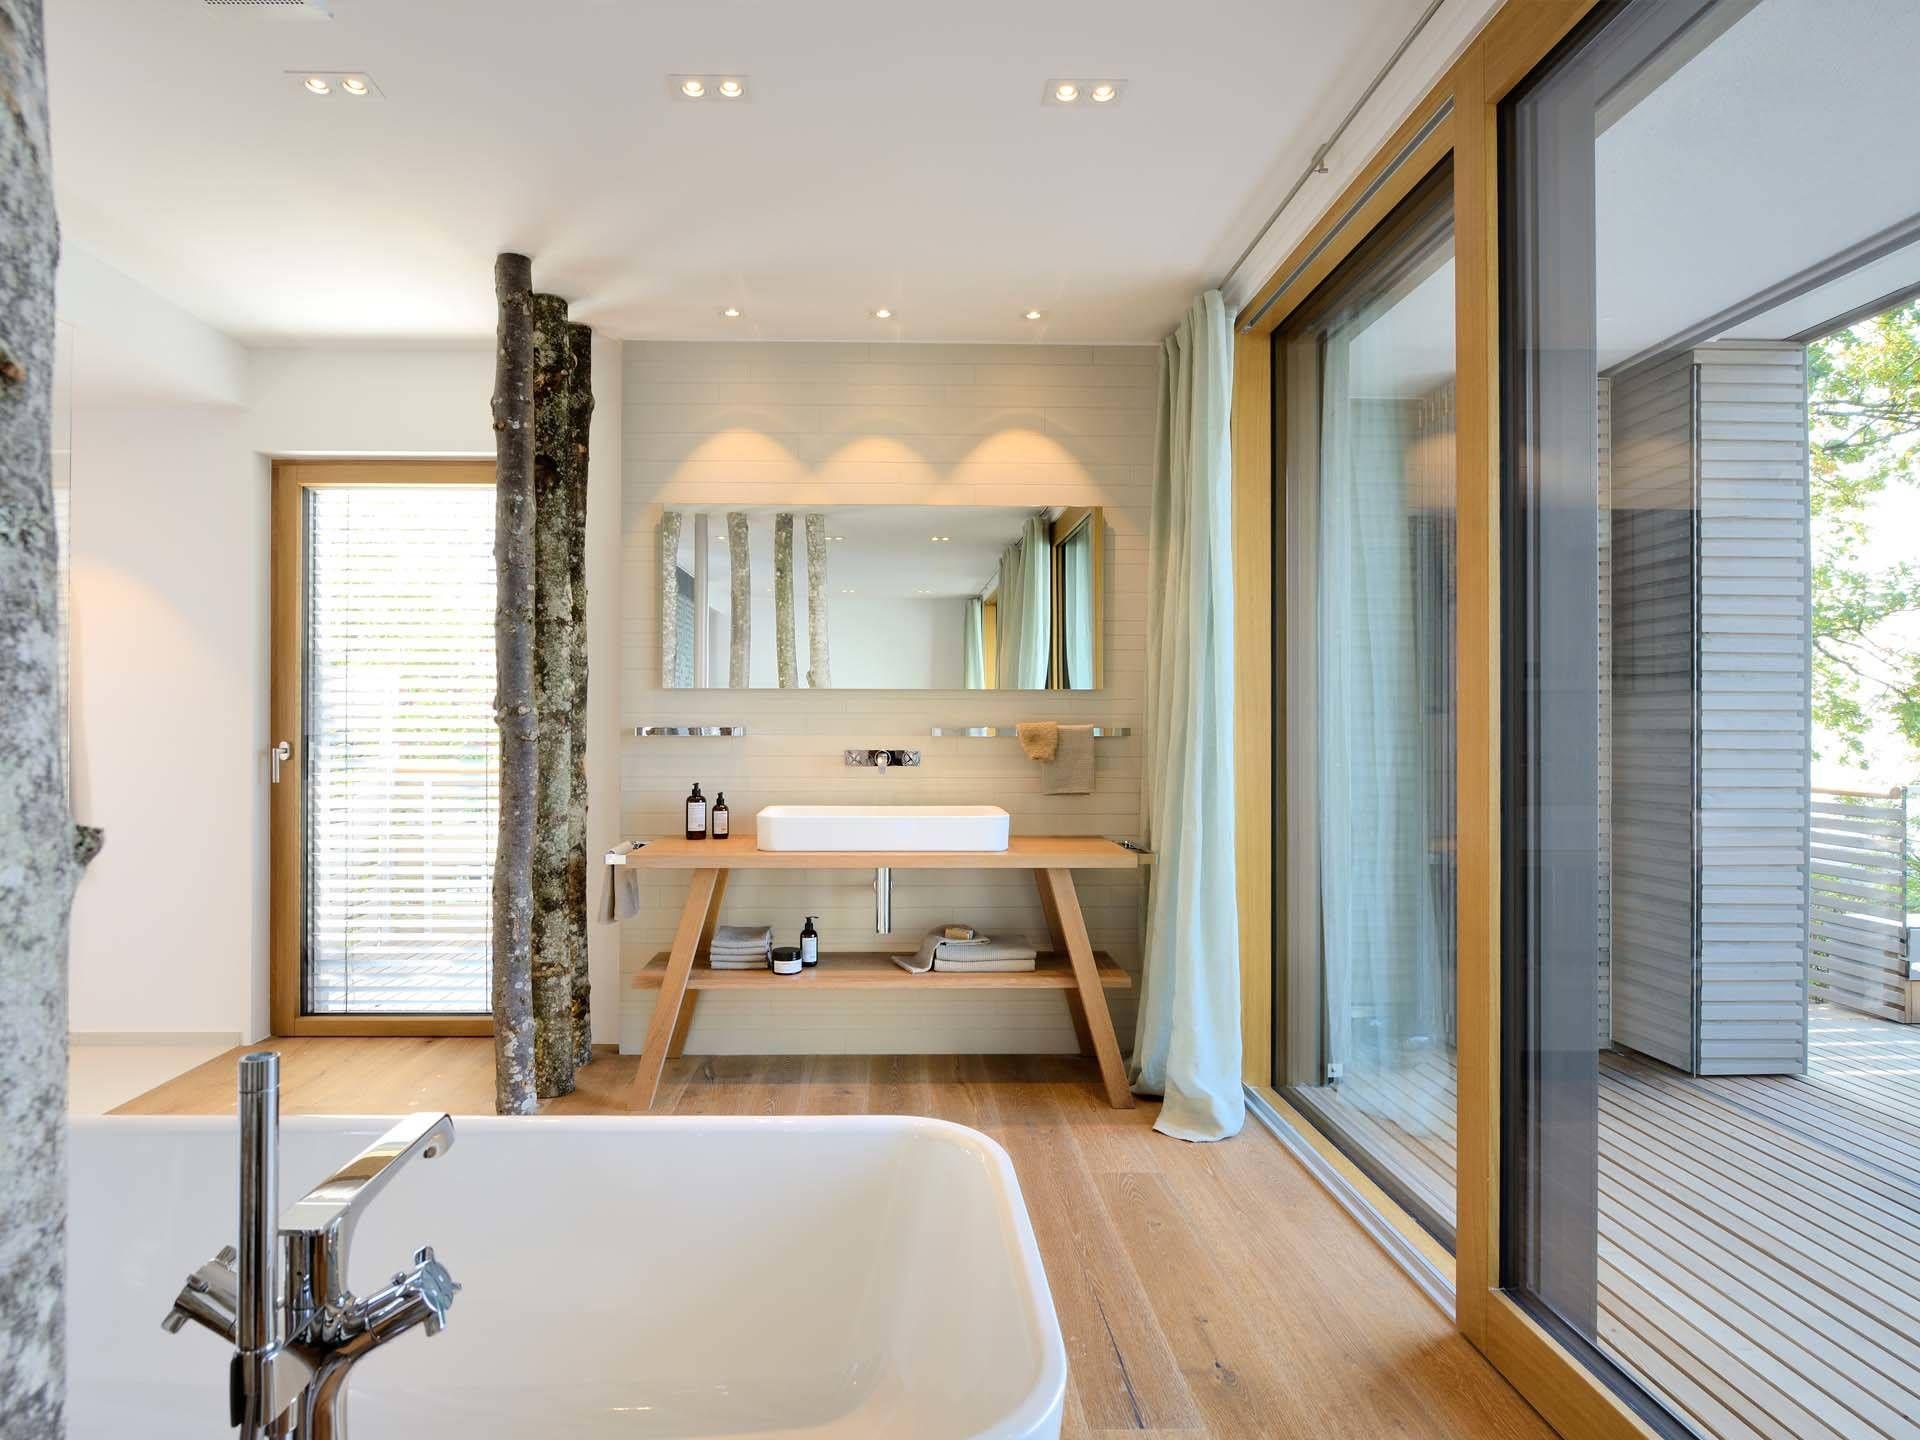 Badezimmer im Haus am See von Baufritz • Mit Musterhaus.net ...